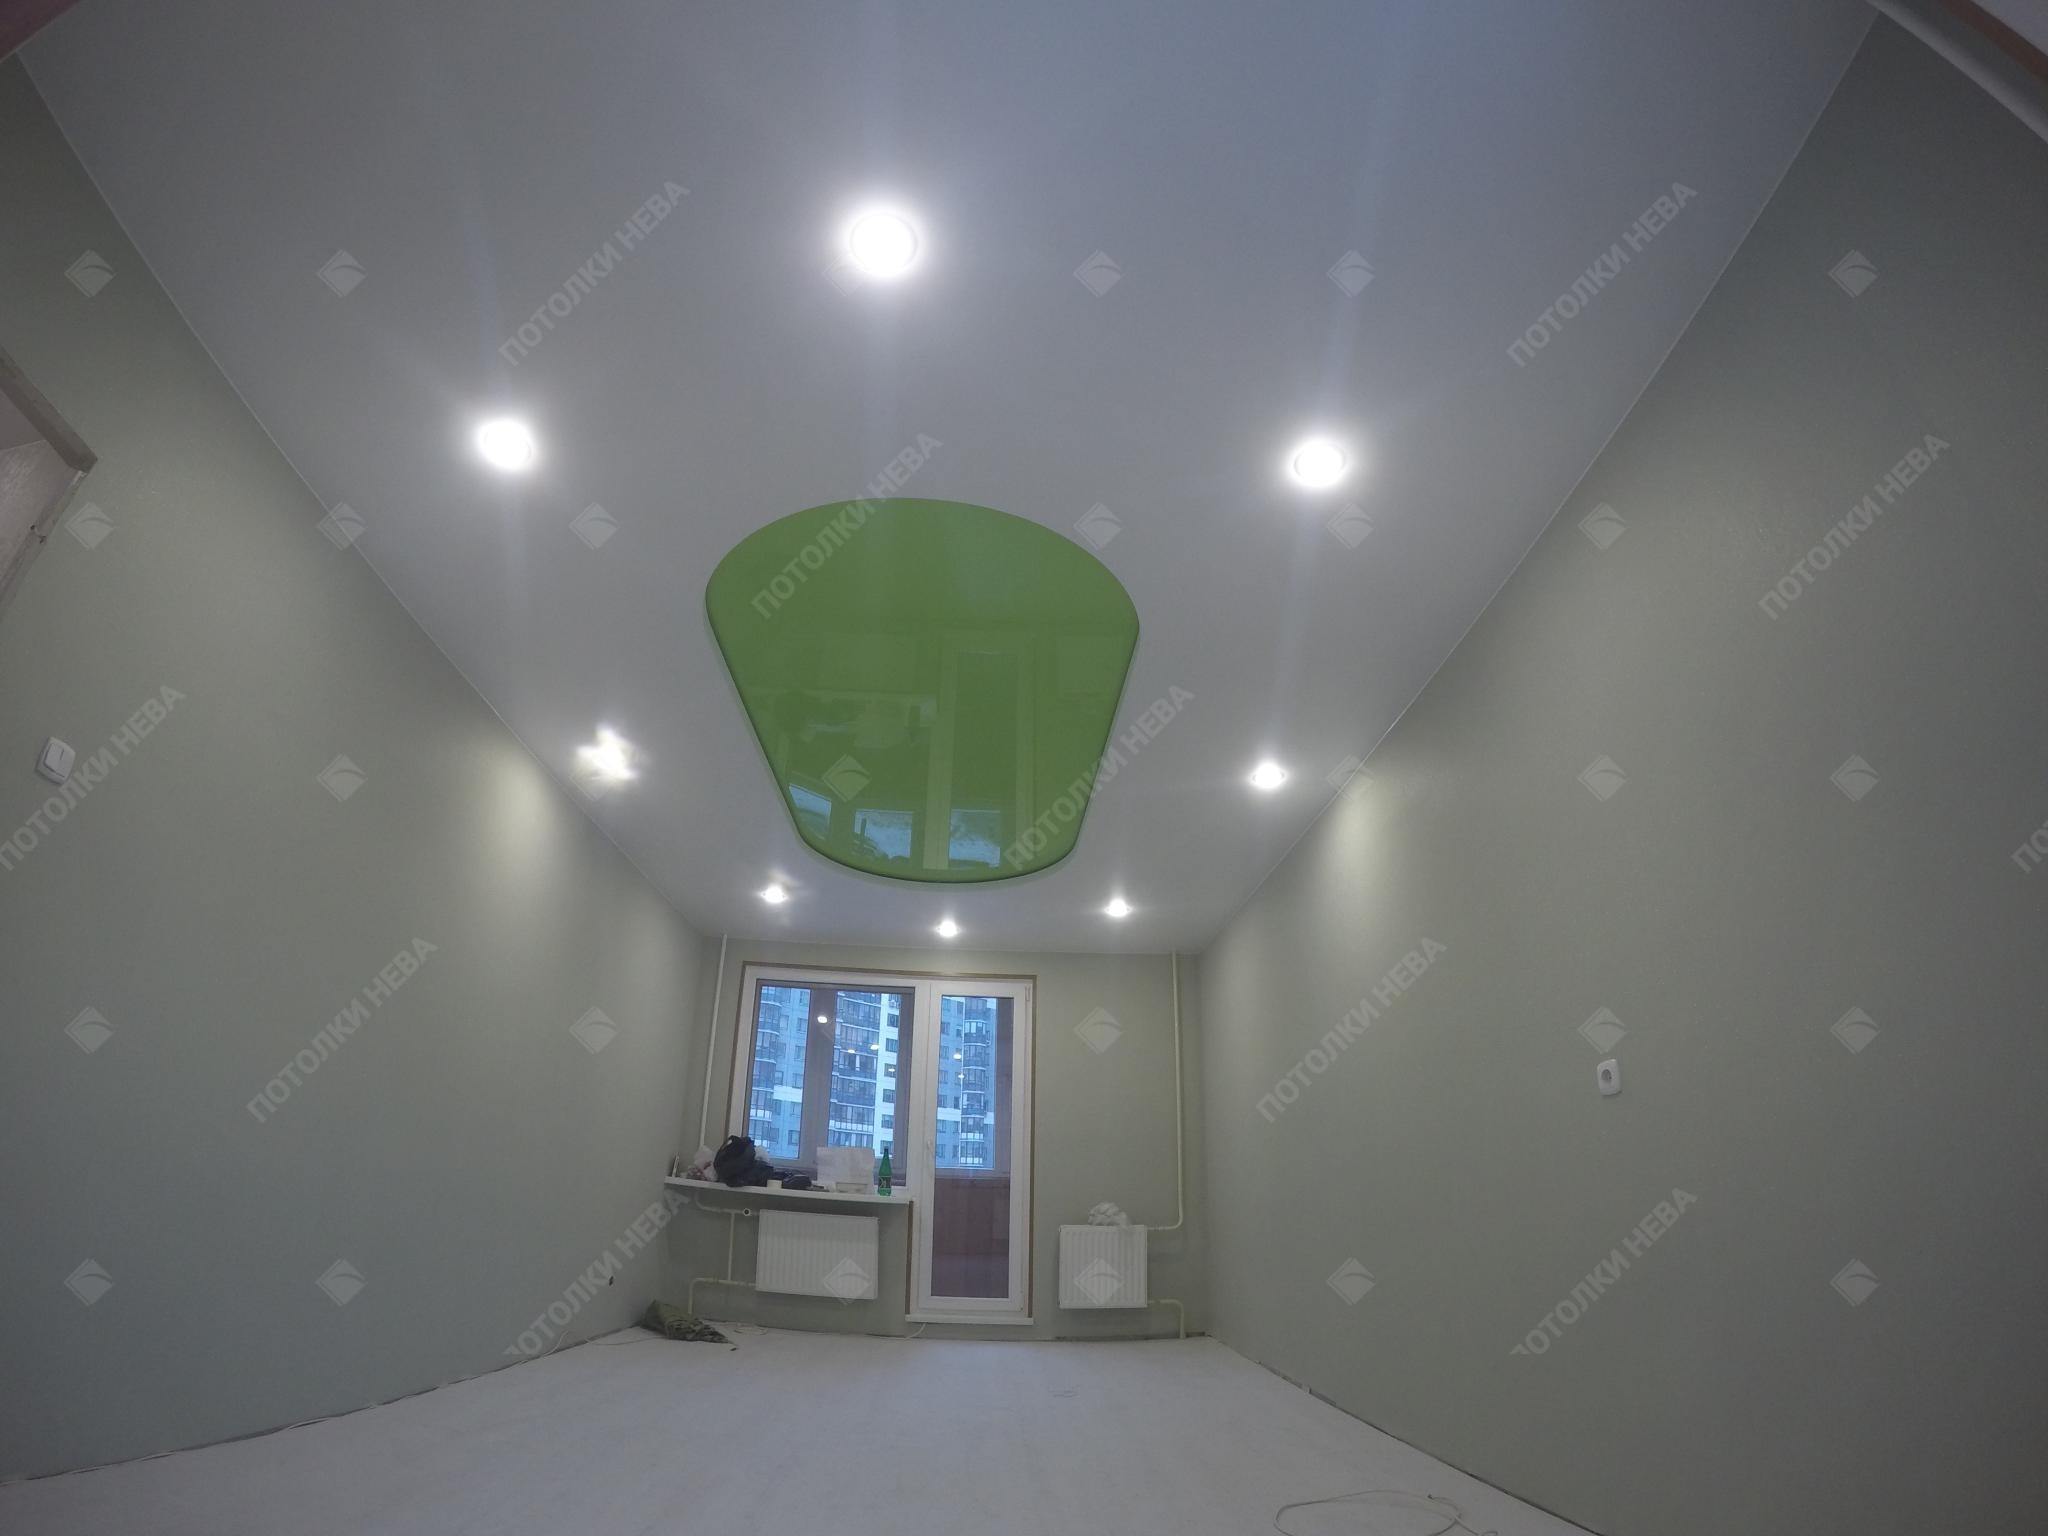 Зелено-белый двухуровневый натяжной потолок